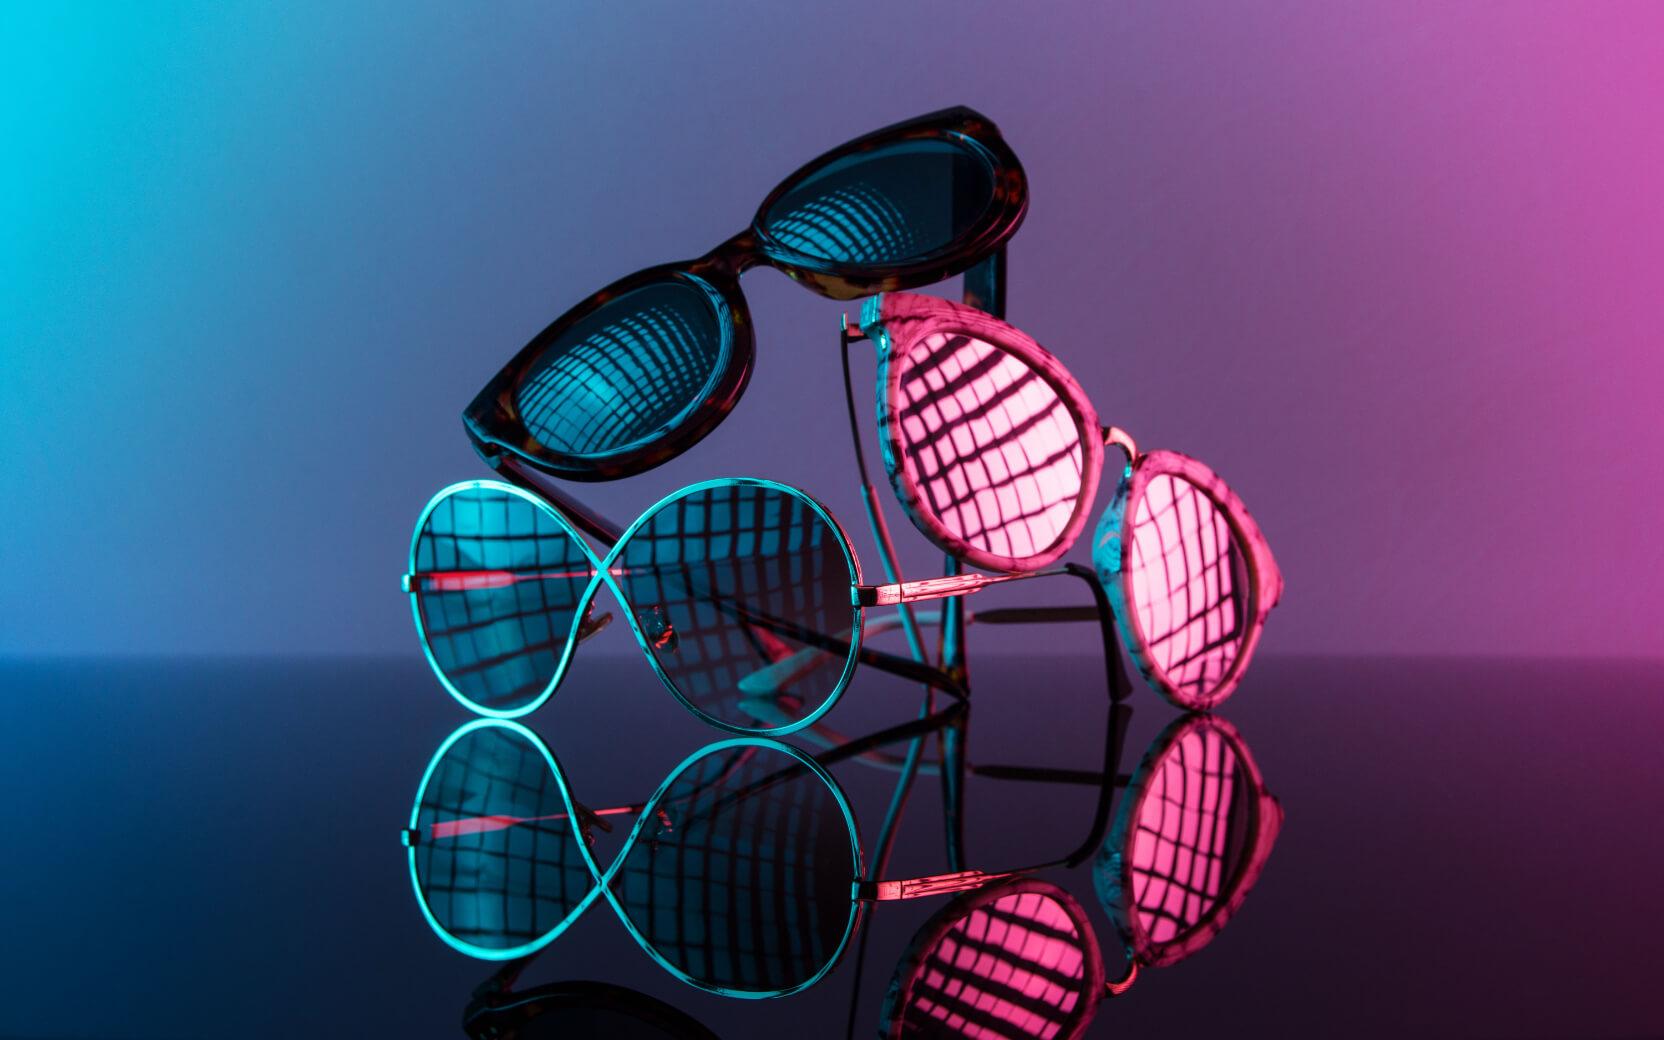 Produktfoto von mehreren Sonnenbrillen